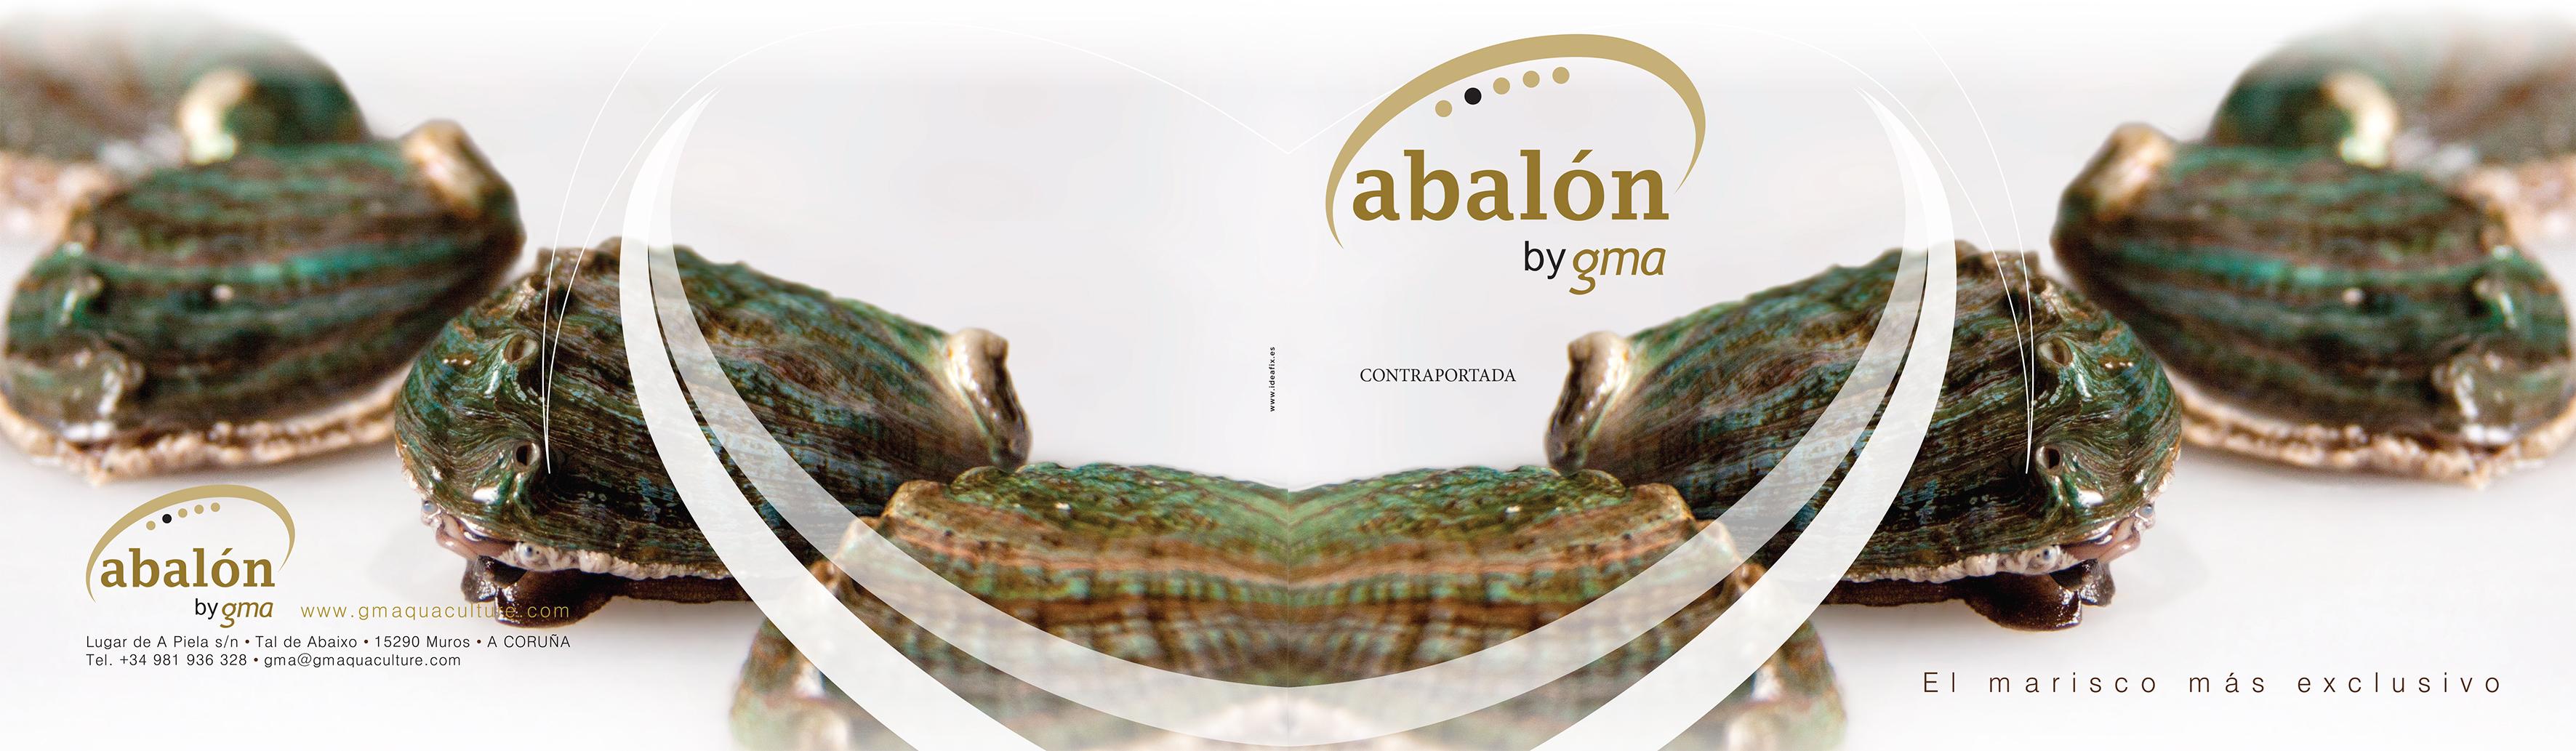 LIBRO RECETAS ABALON para web JK-1 150